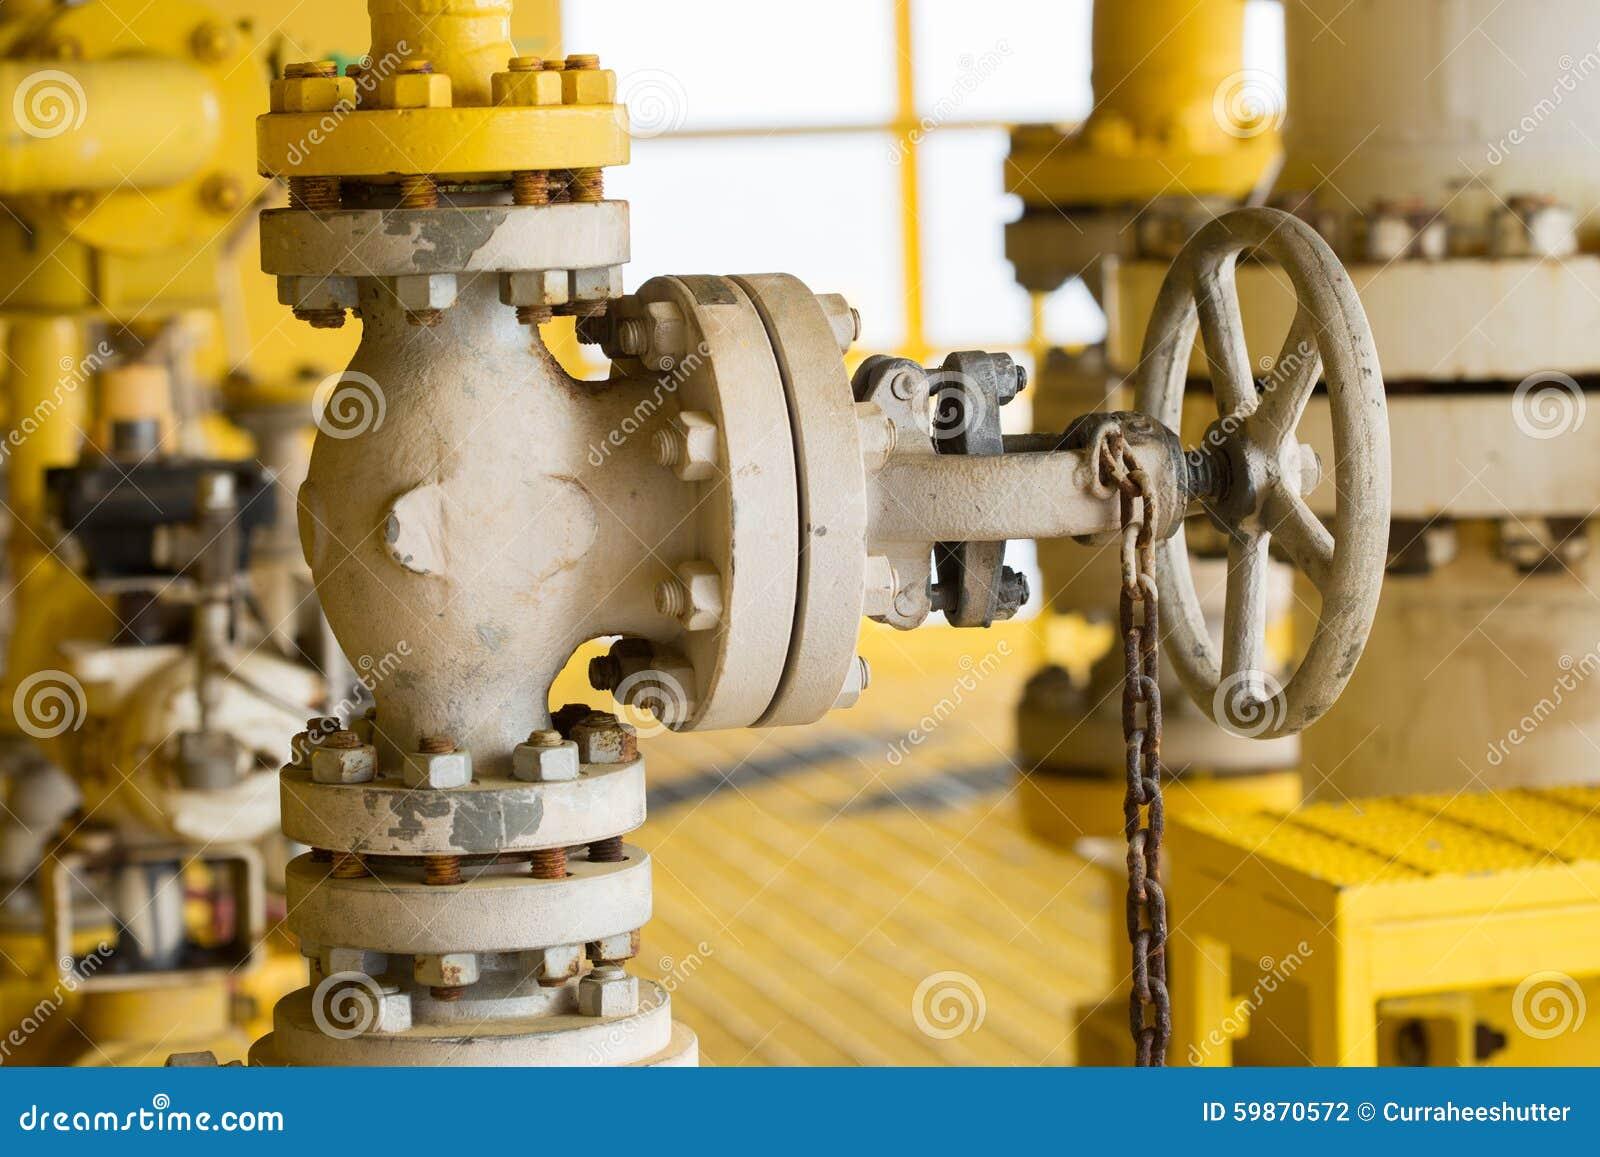 Η χειρωνακτική βαλβίδα στο πετρέλαιο και τη βιομηχανία φυσικού αερίου, η παλαιά βαλβίδα και πολλές οξυδώνουν το παρόν στη βαλβίδα